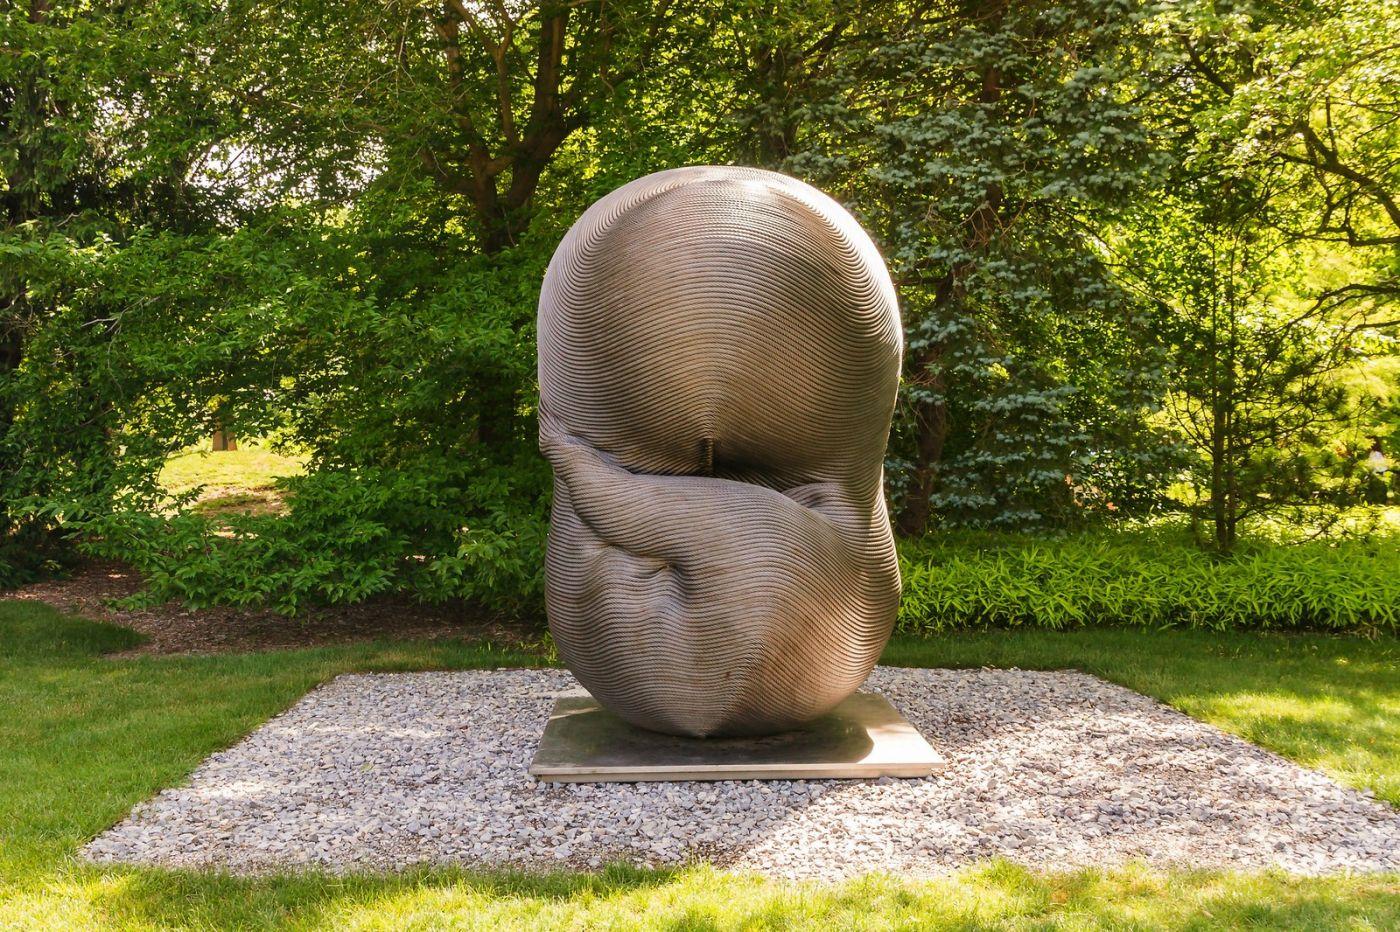 新澤西州雕塑公園(Grounds for scuplture),題材很廣_圖1-14